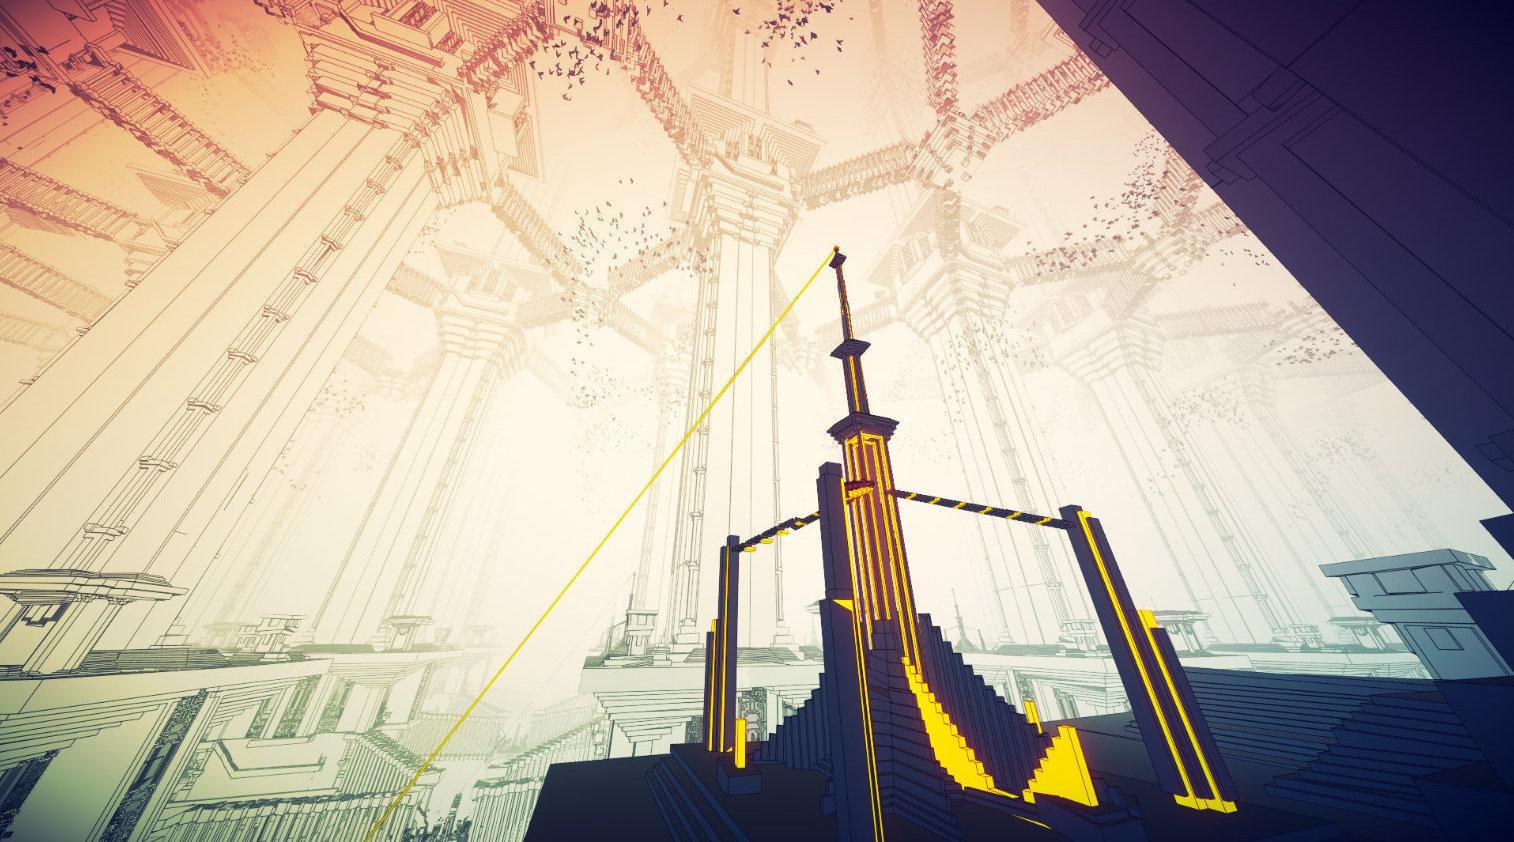 超现实解谜游戏《Manifold Garden》现已上线Steam……